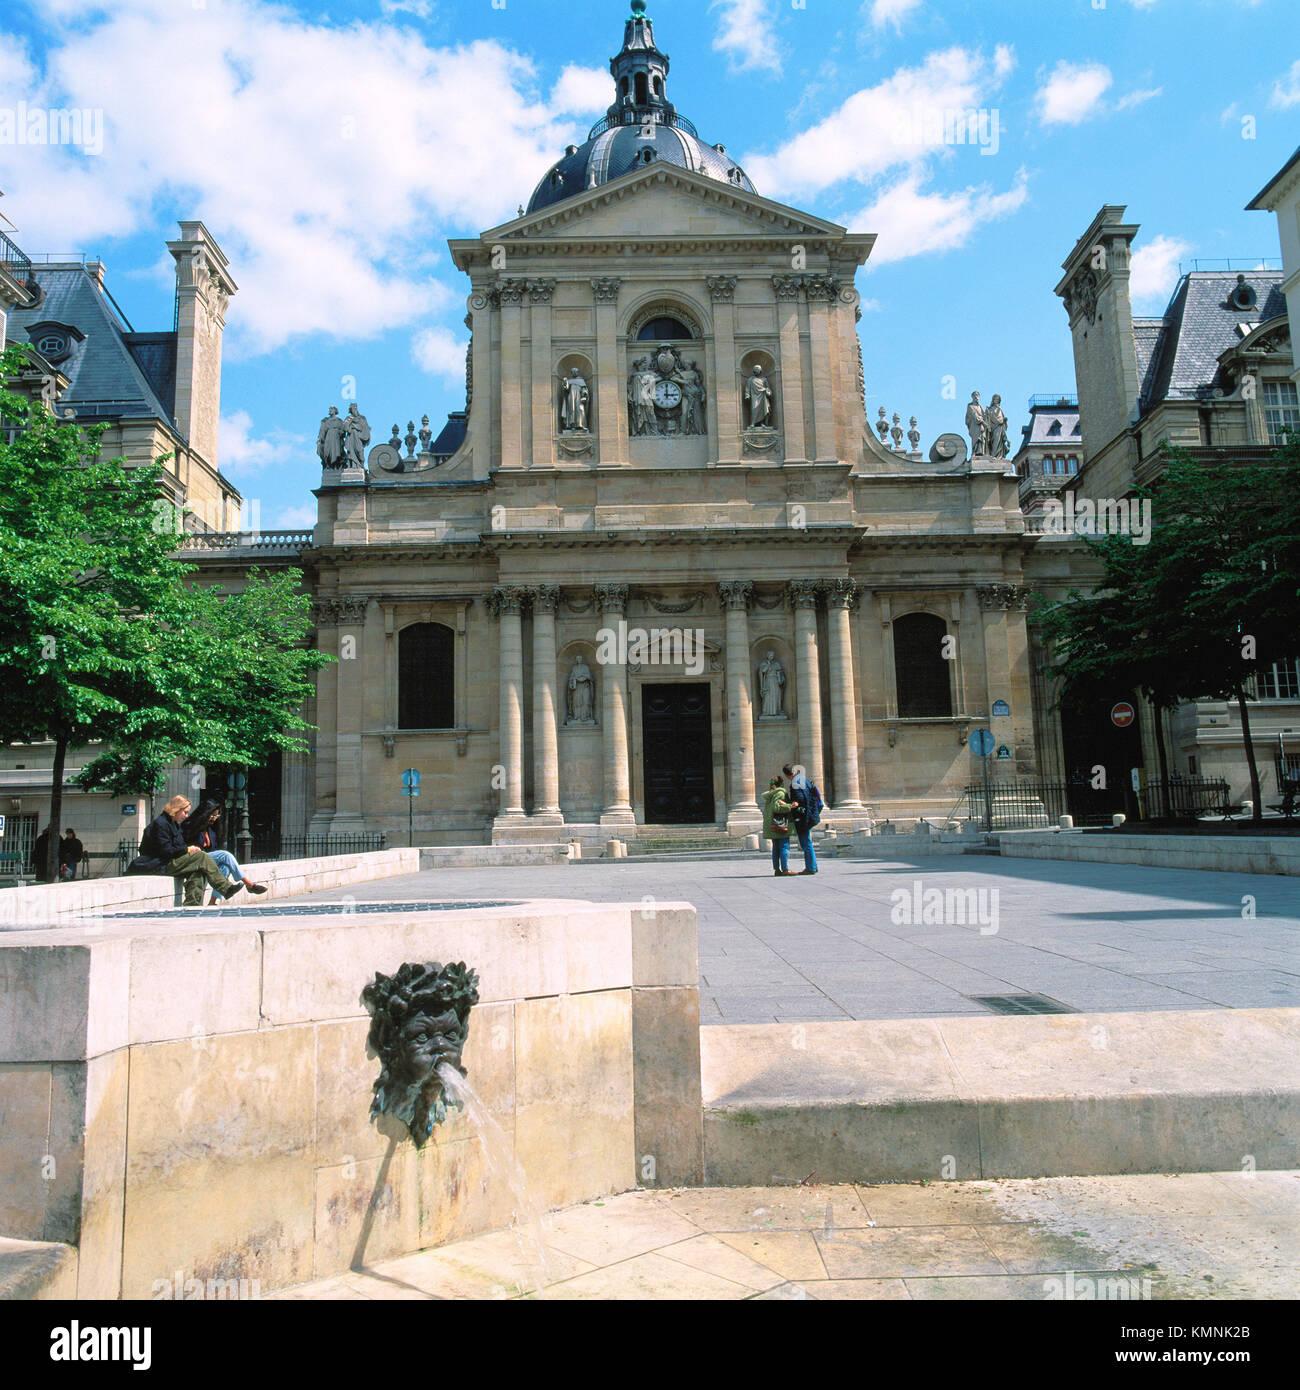 La Sorbonne. Paris. France - Stock Image